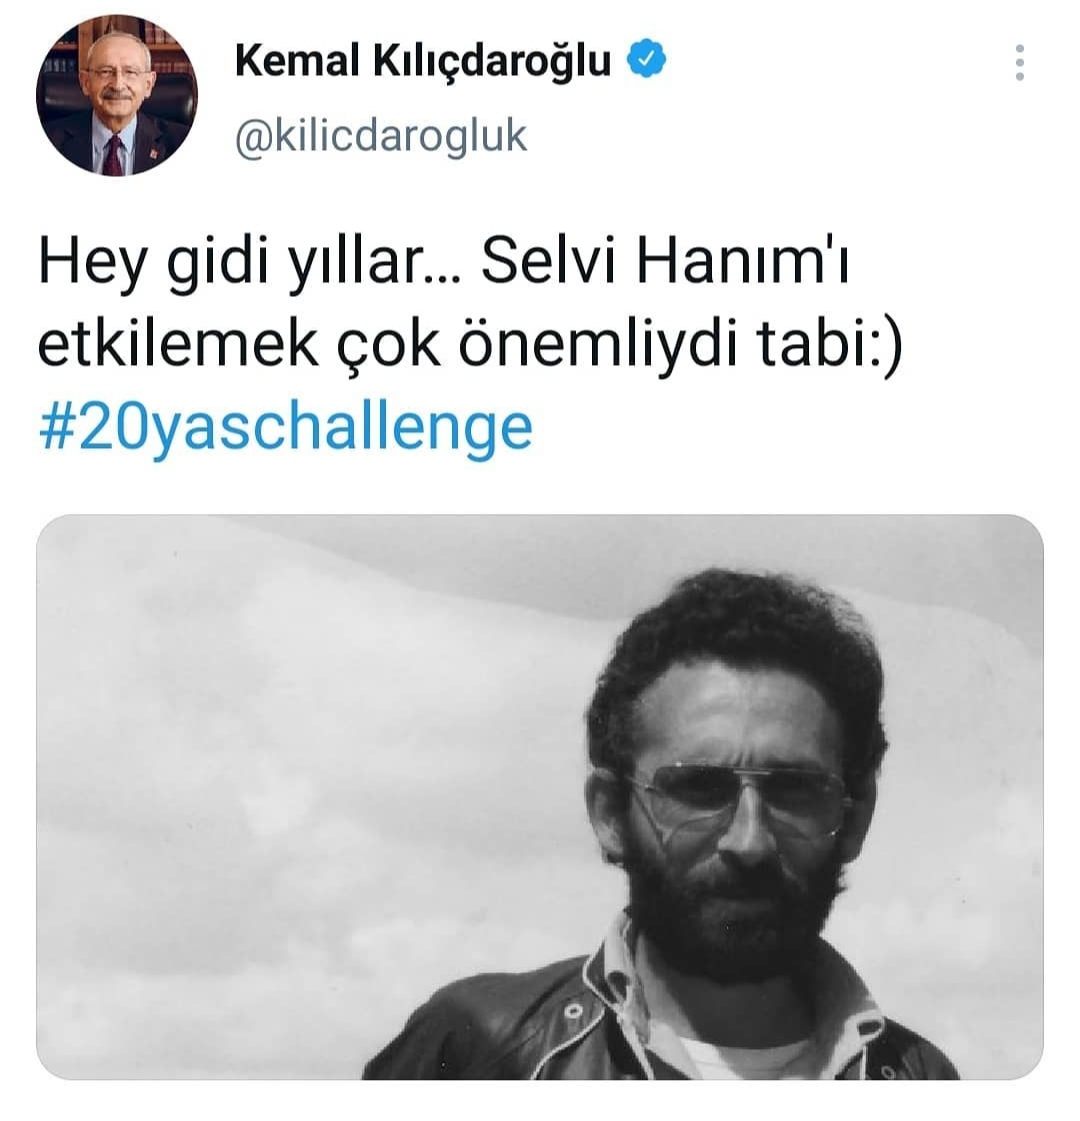 kemal kılıçdaroğlu nun hey gidi yıllar tweeti